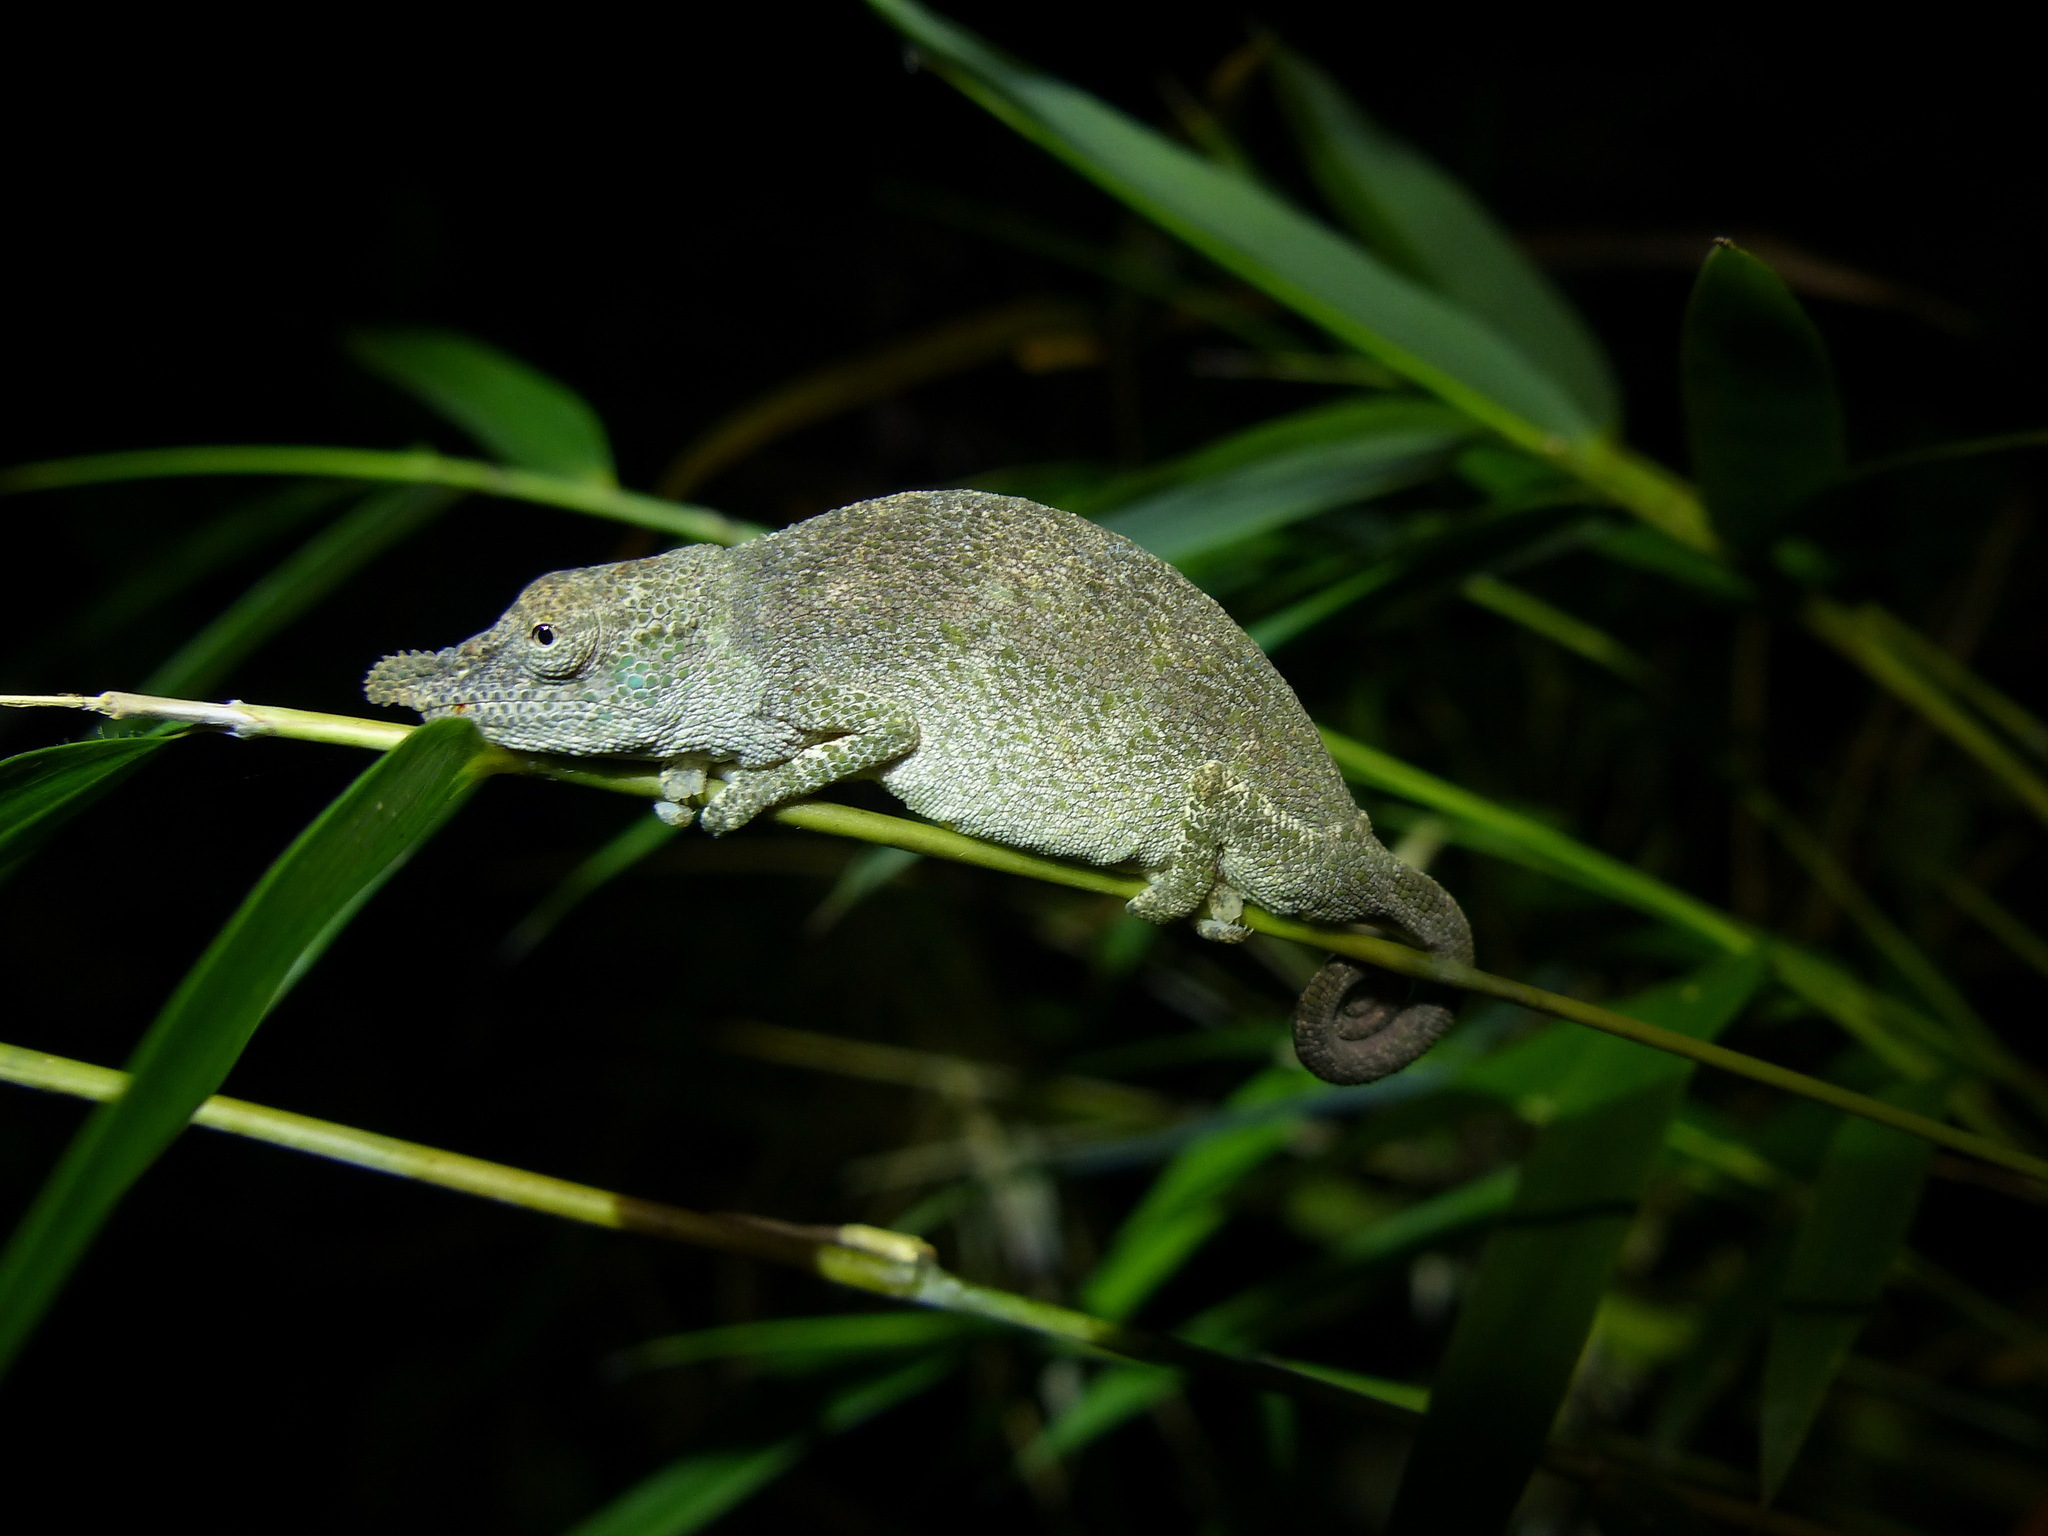 Image of Big-nosed chameleon